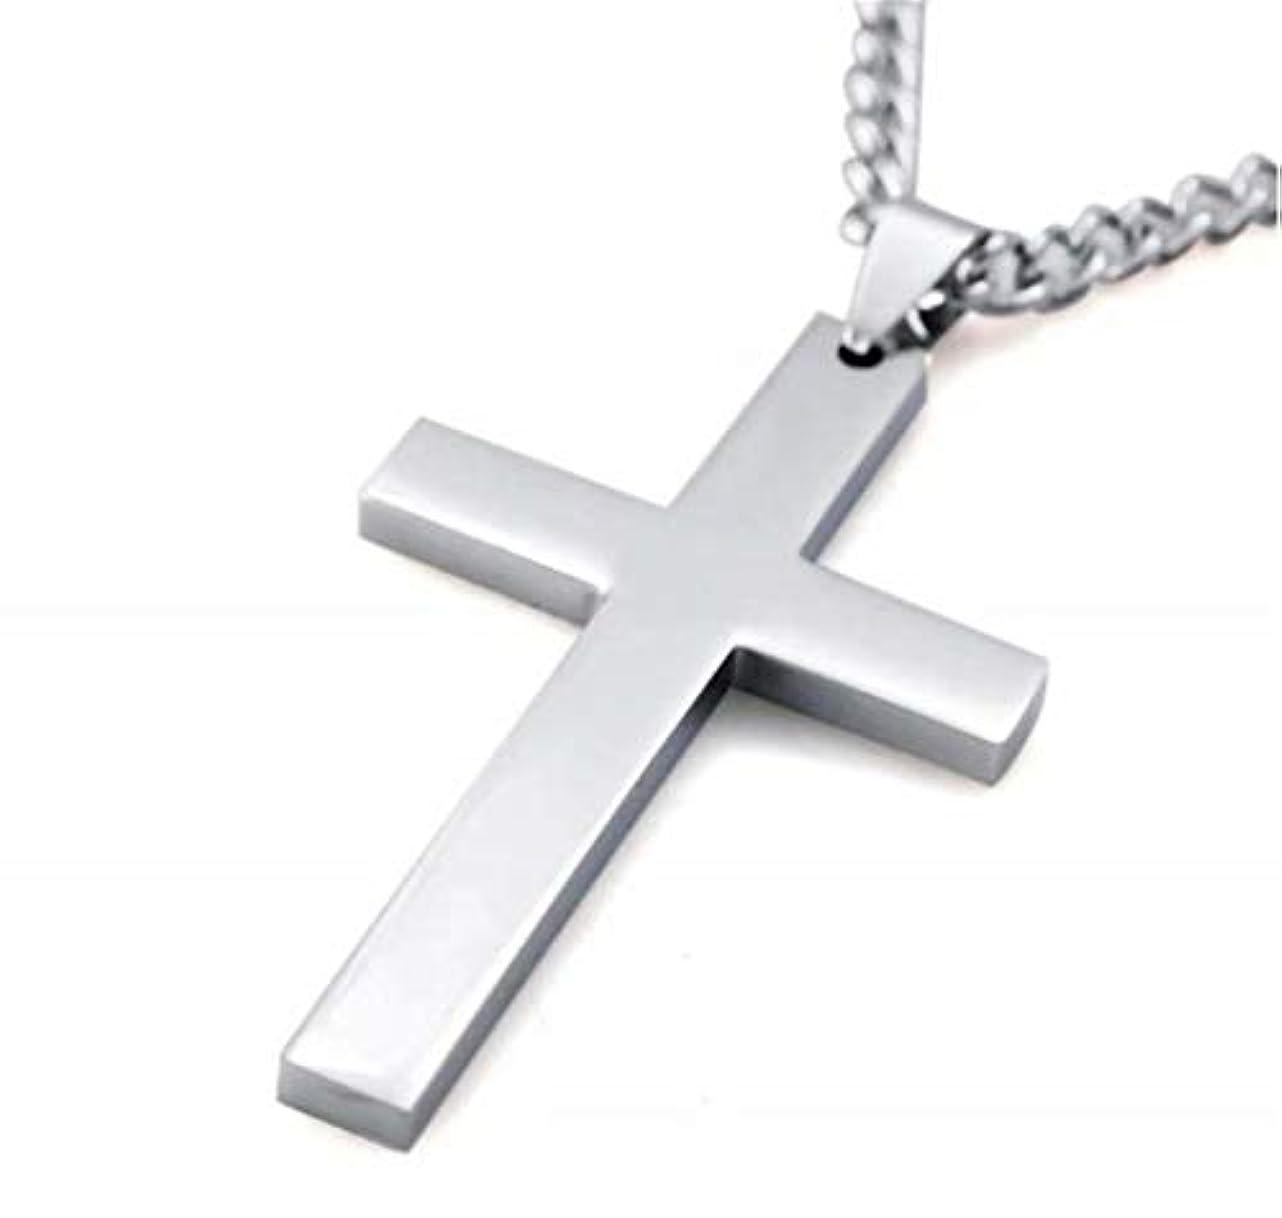 公平なリマークバッグ七里の香 メンズ レディース シルバー 十字架 クロス ペンダント ネックレス